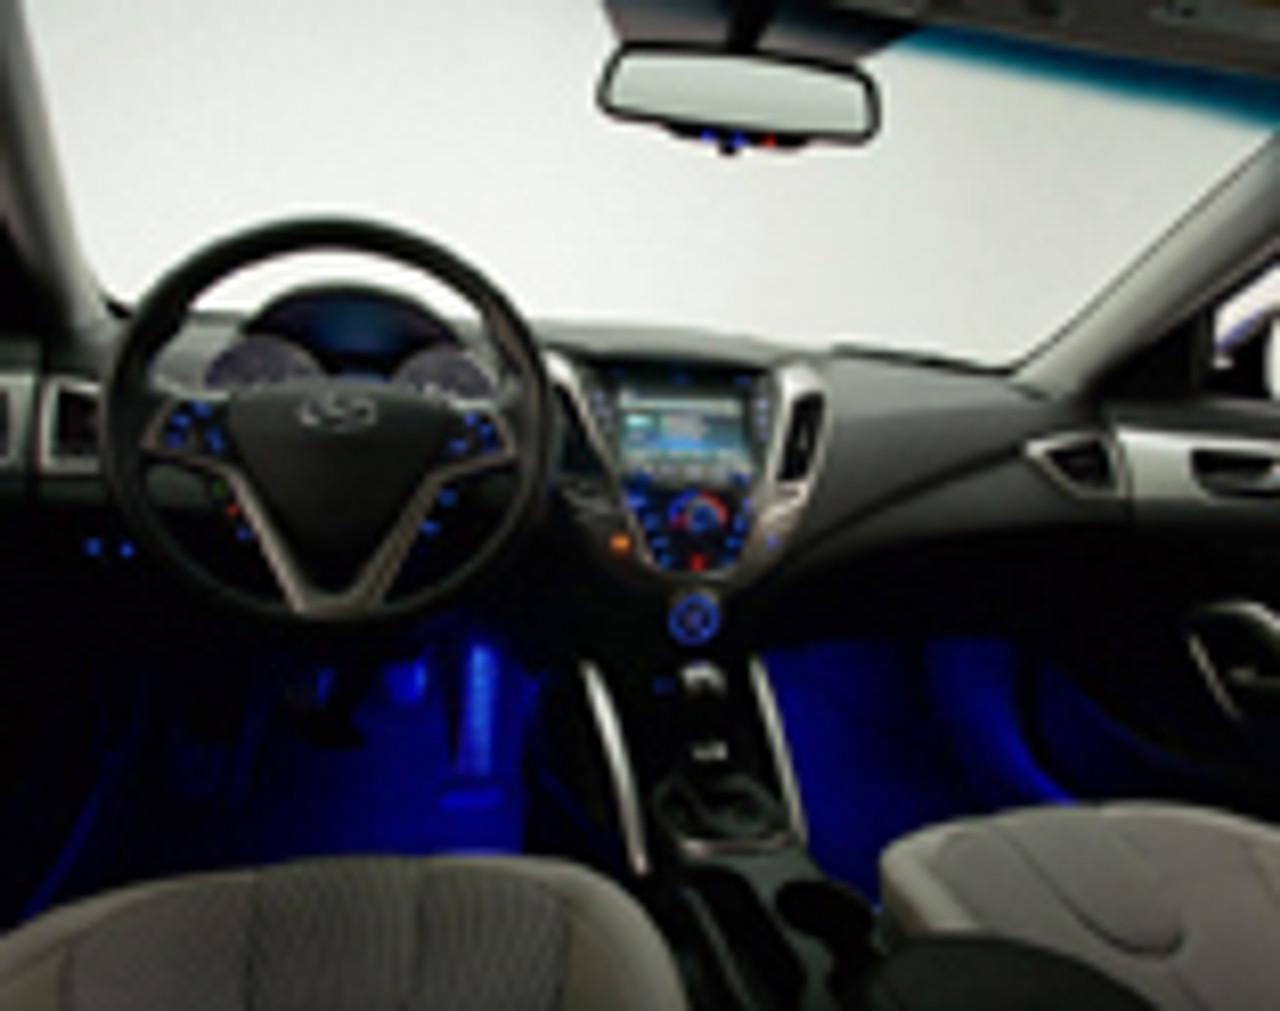 2012 2017 hyundai veloster led lighting kit free - Hyundai veloster interior accessories ...